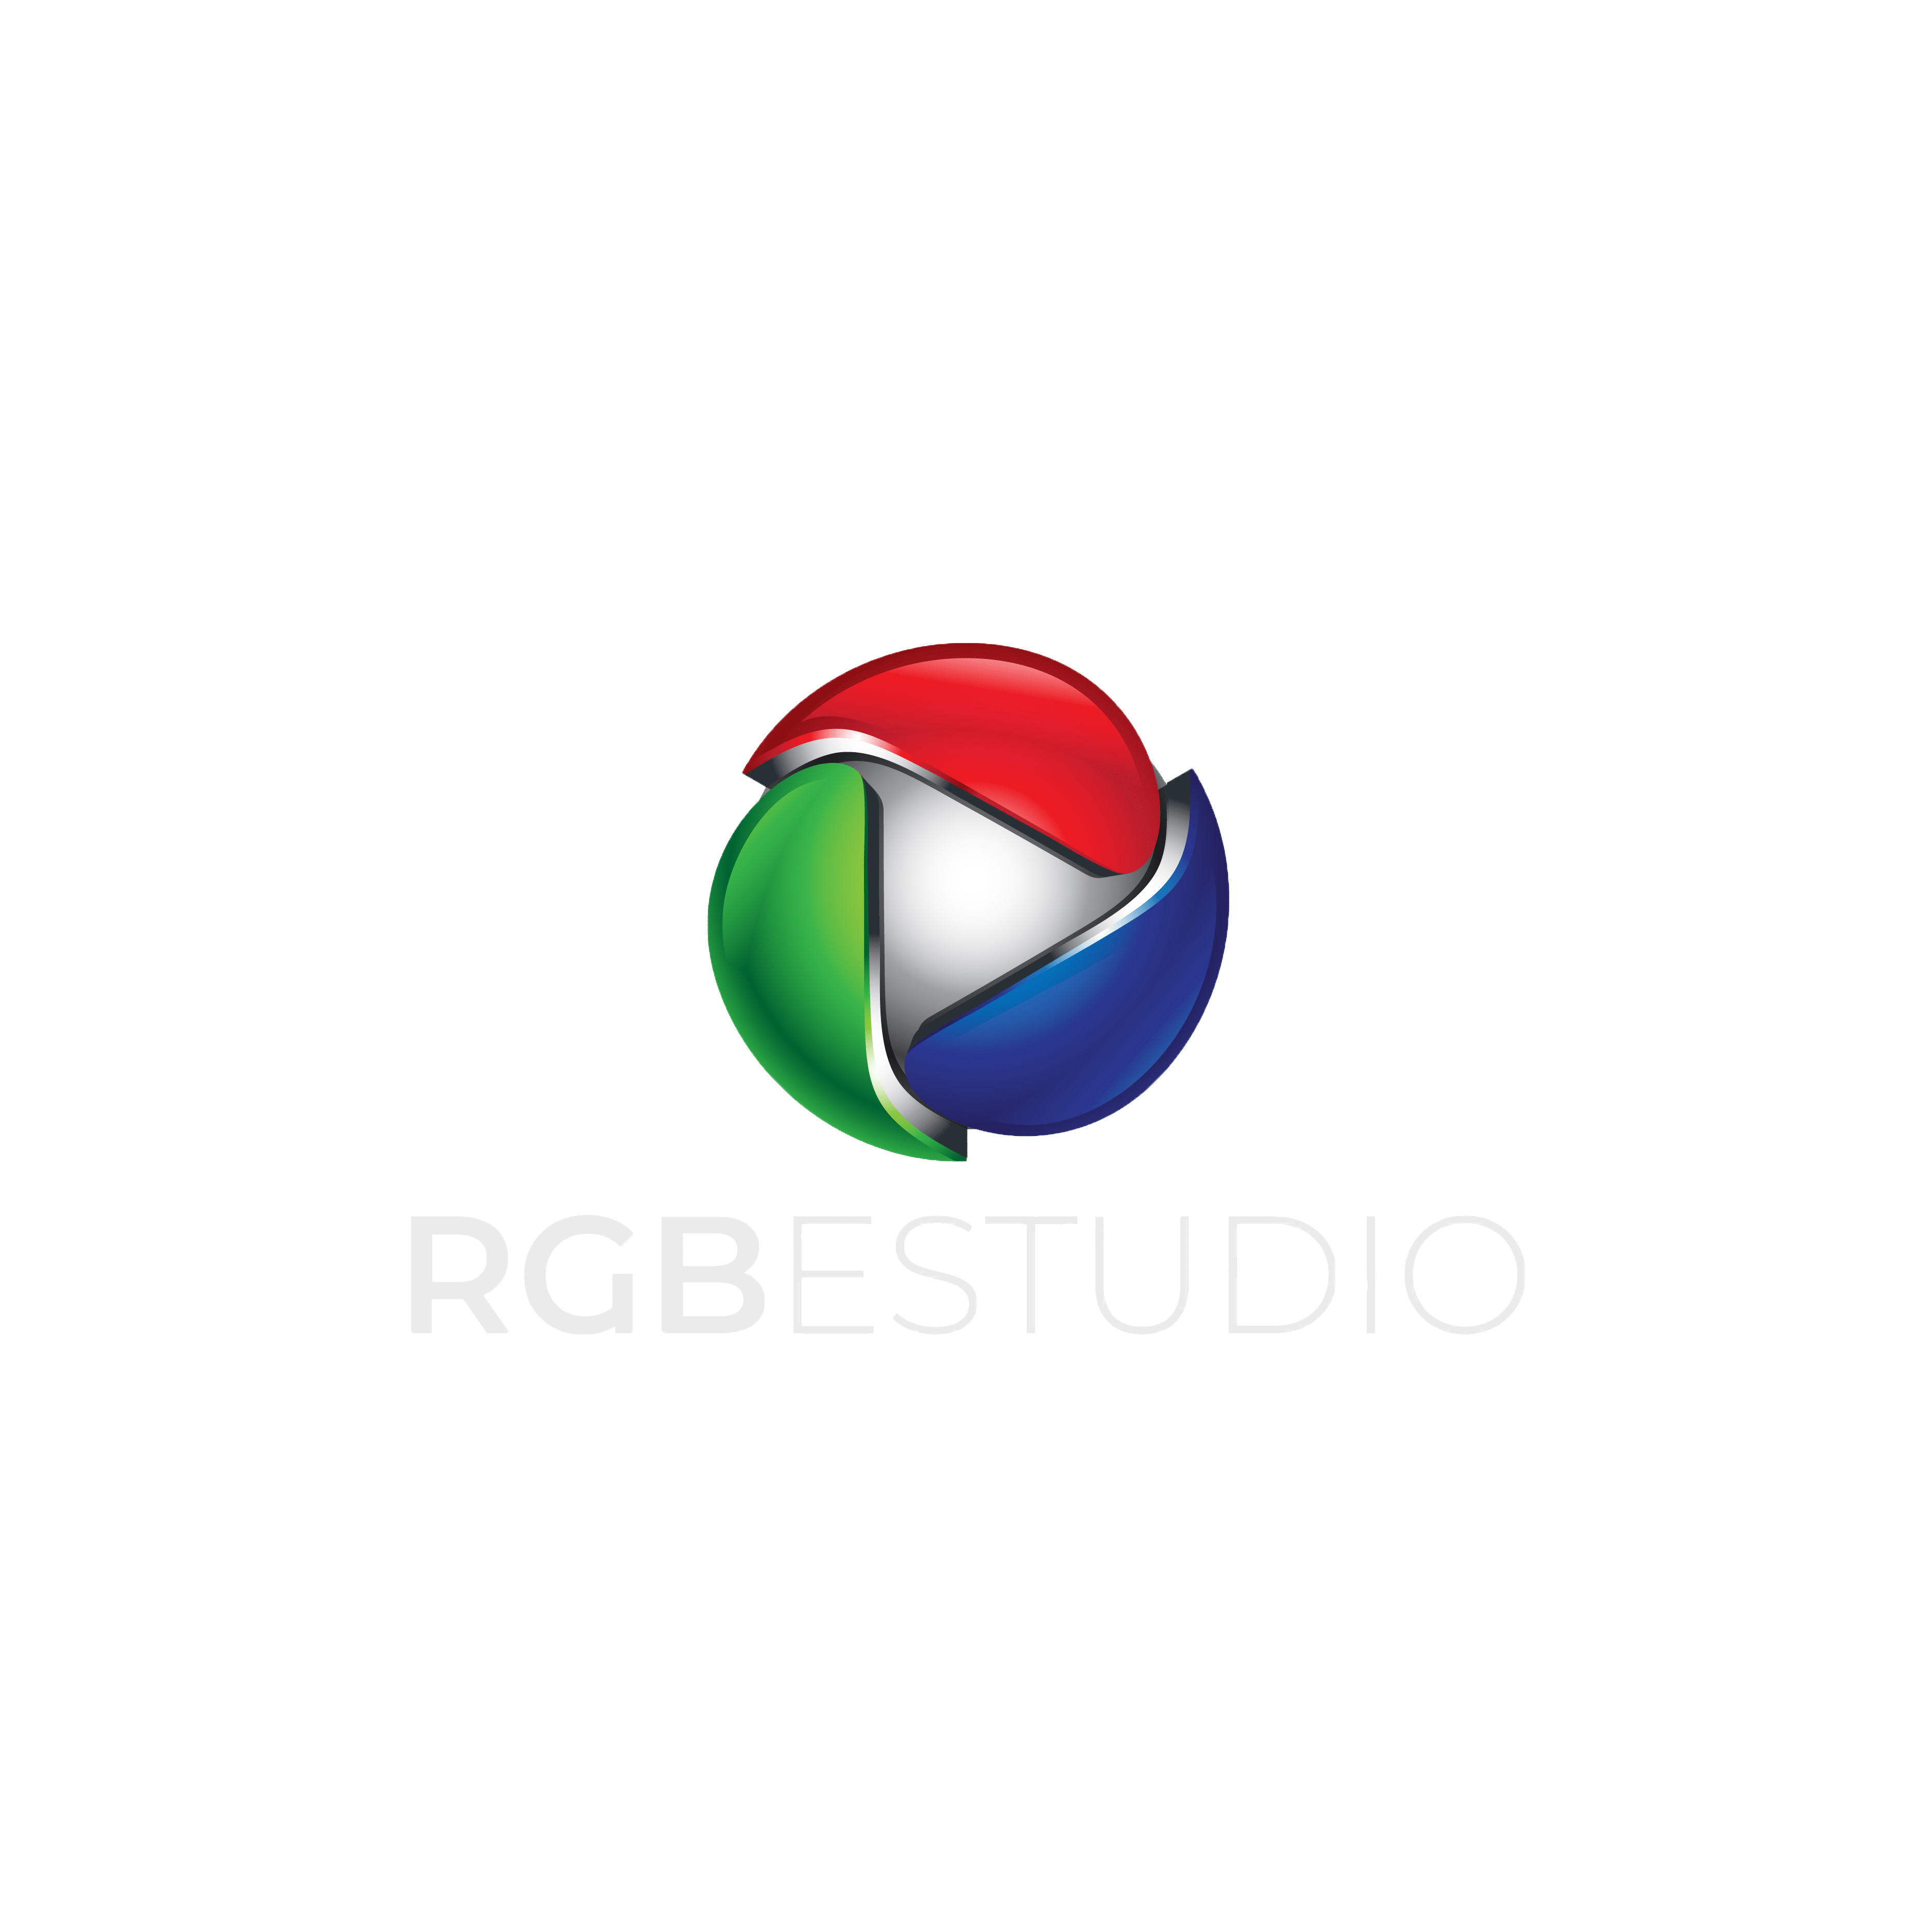 RGB ESTUDIO LOGO BLANCO